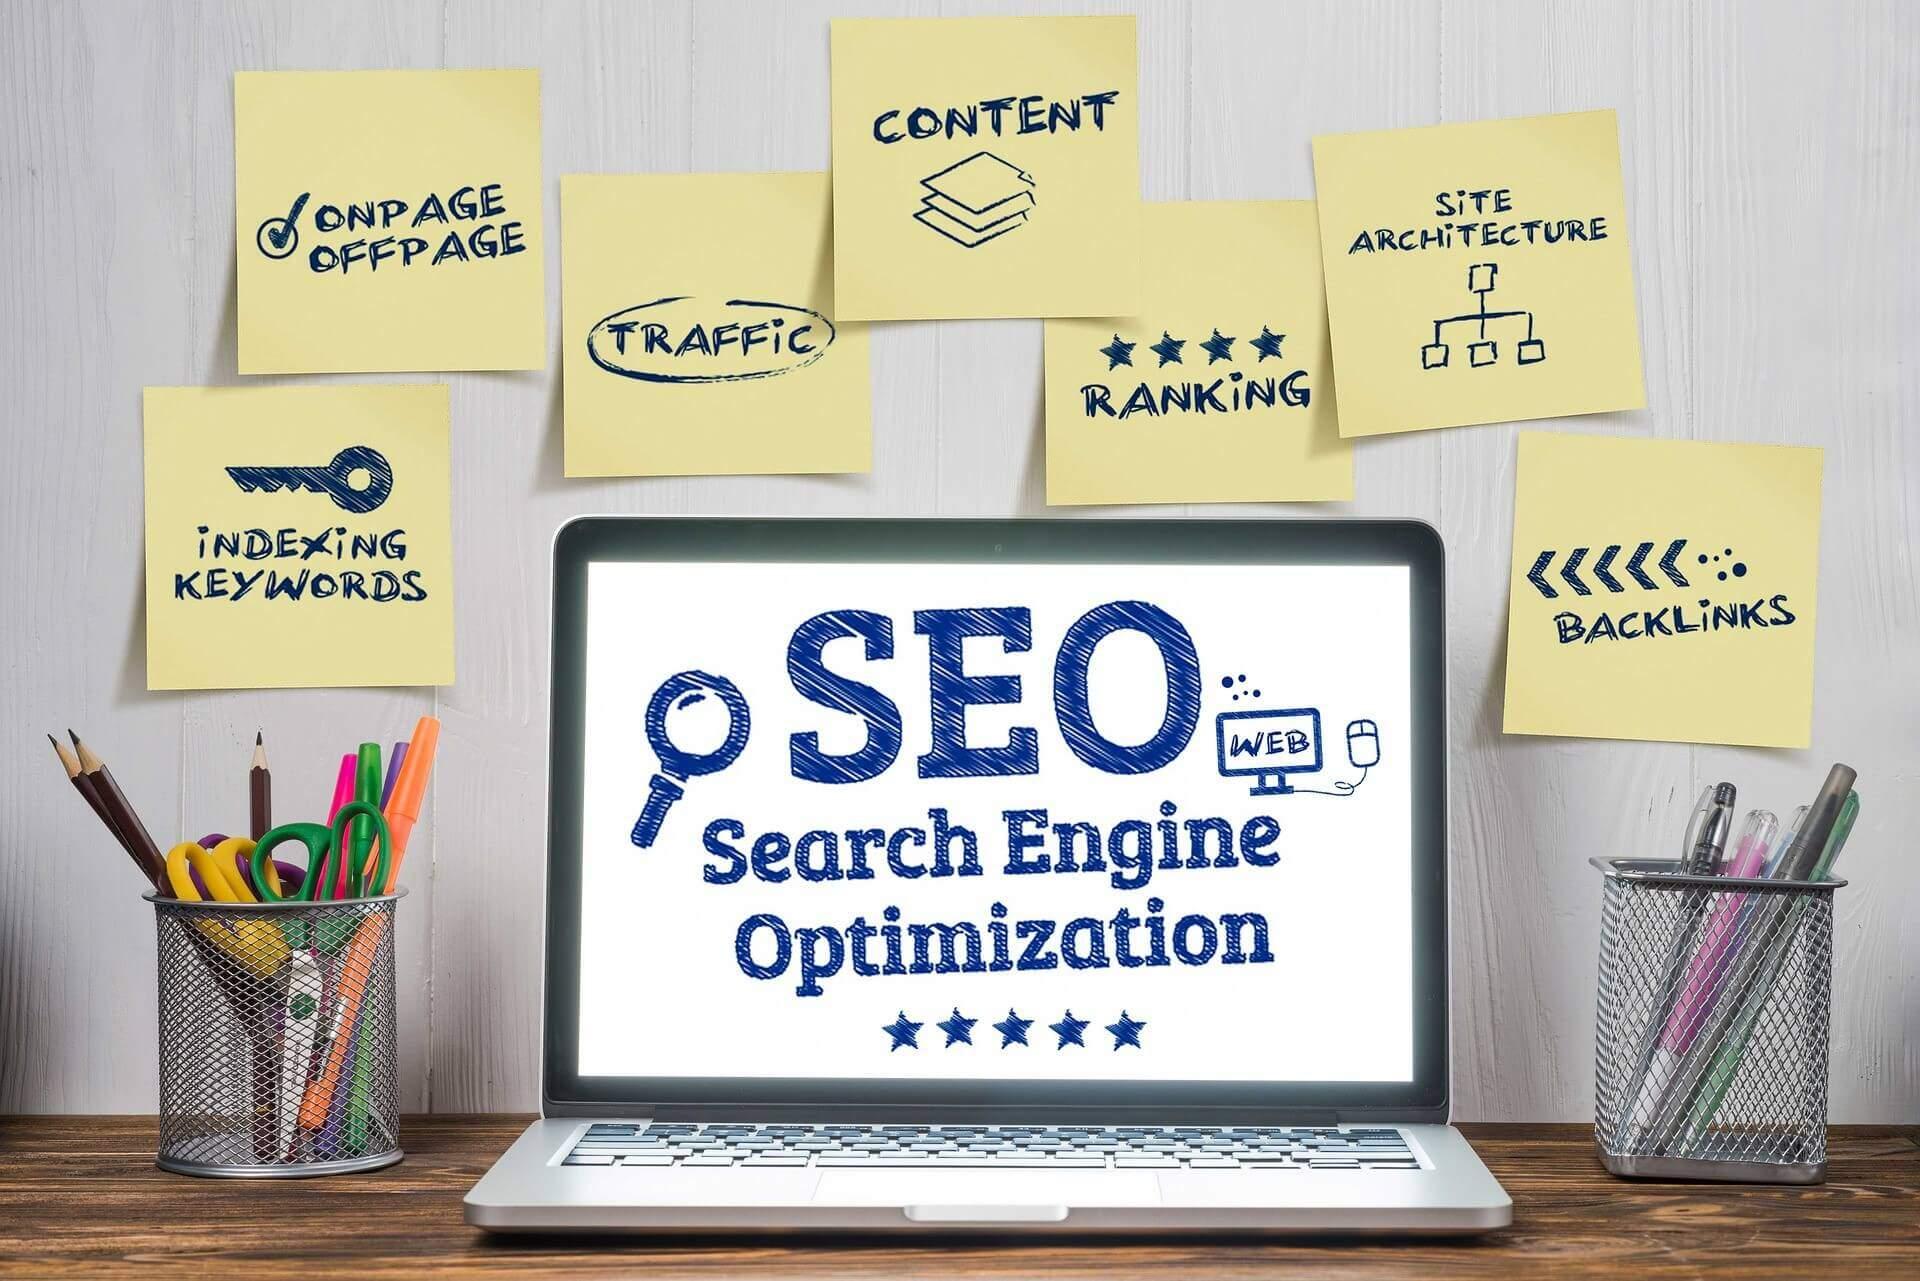 検索エンジンの仕組みとは、SEO対策のこと